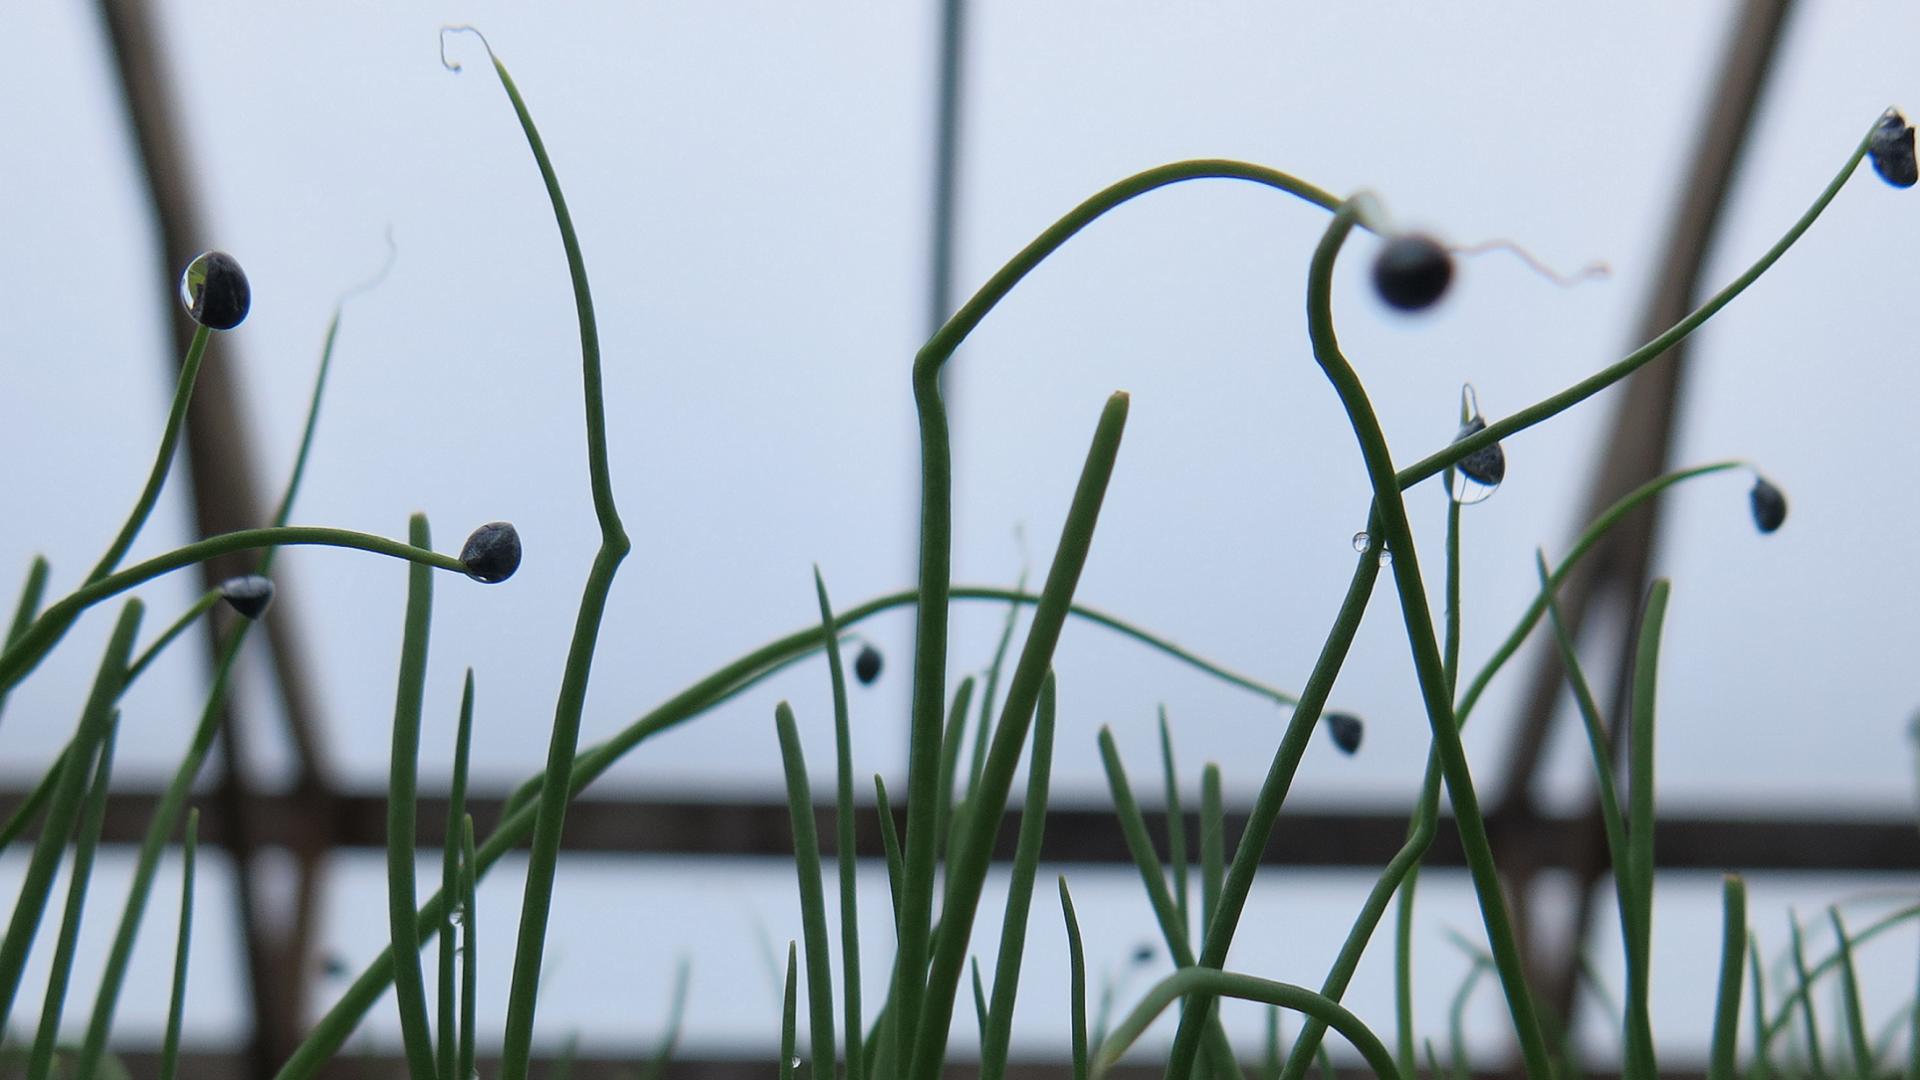 Danse des alliacées - Dancing Alliums